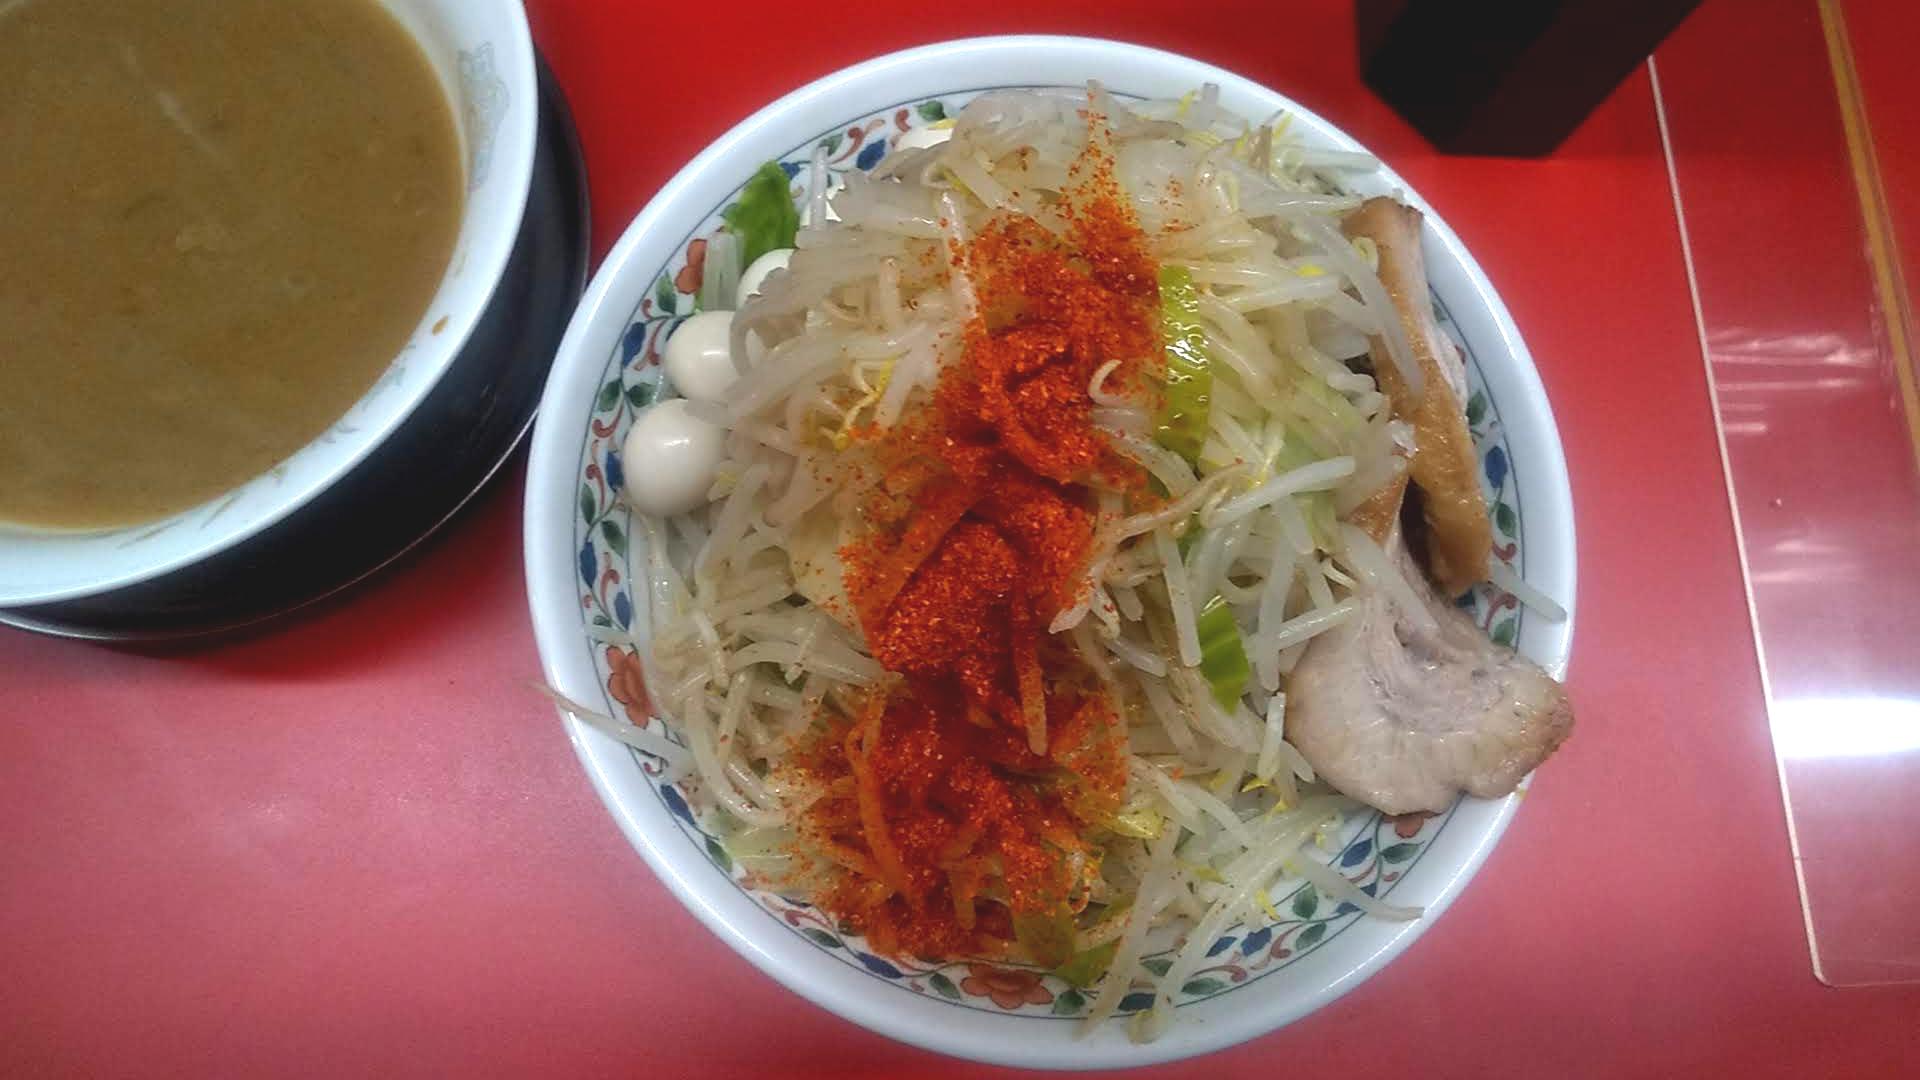 ハナイロモ麺のつけ麺小の麺皿の写真